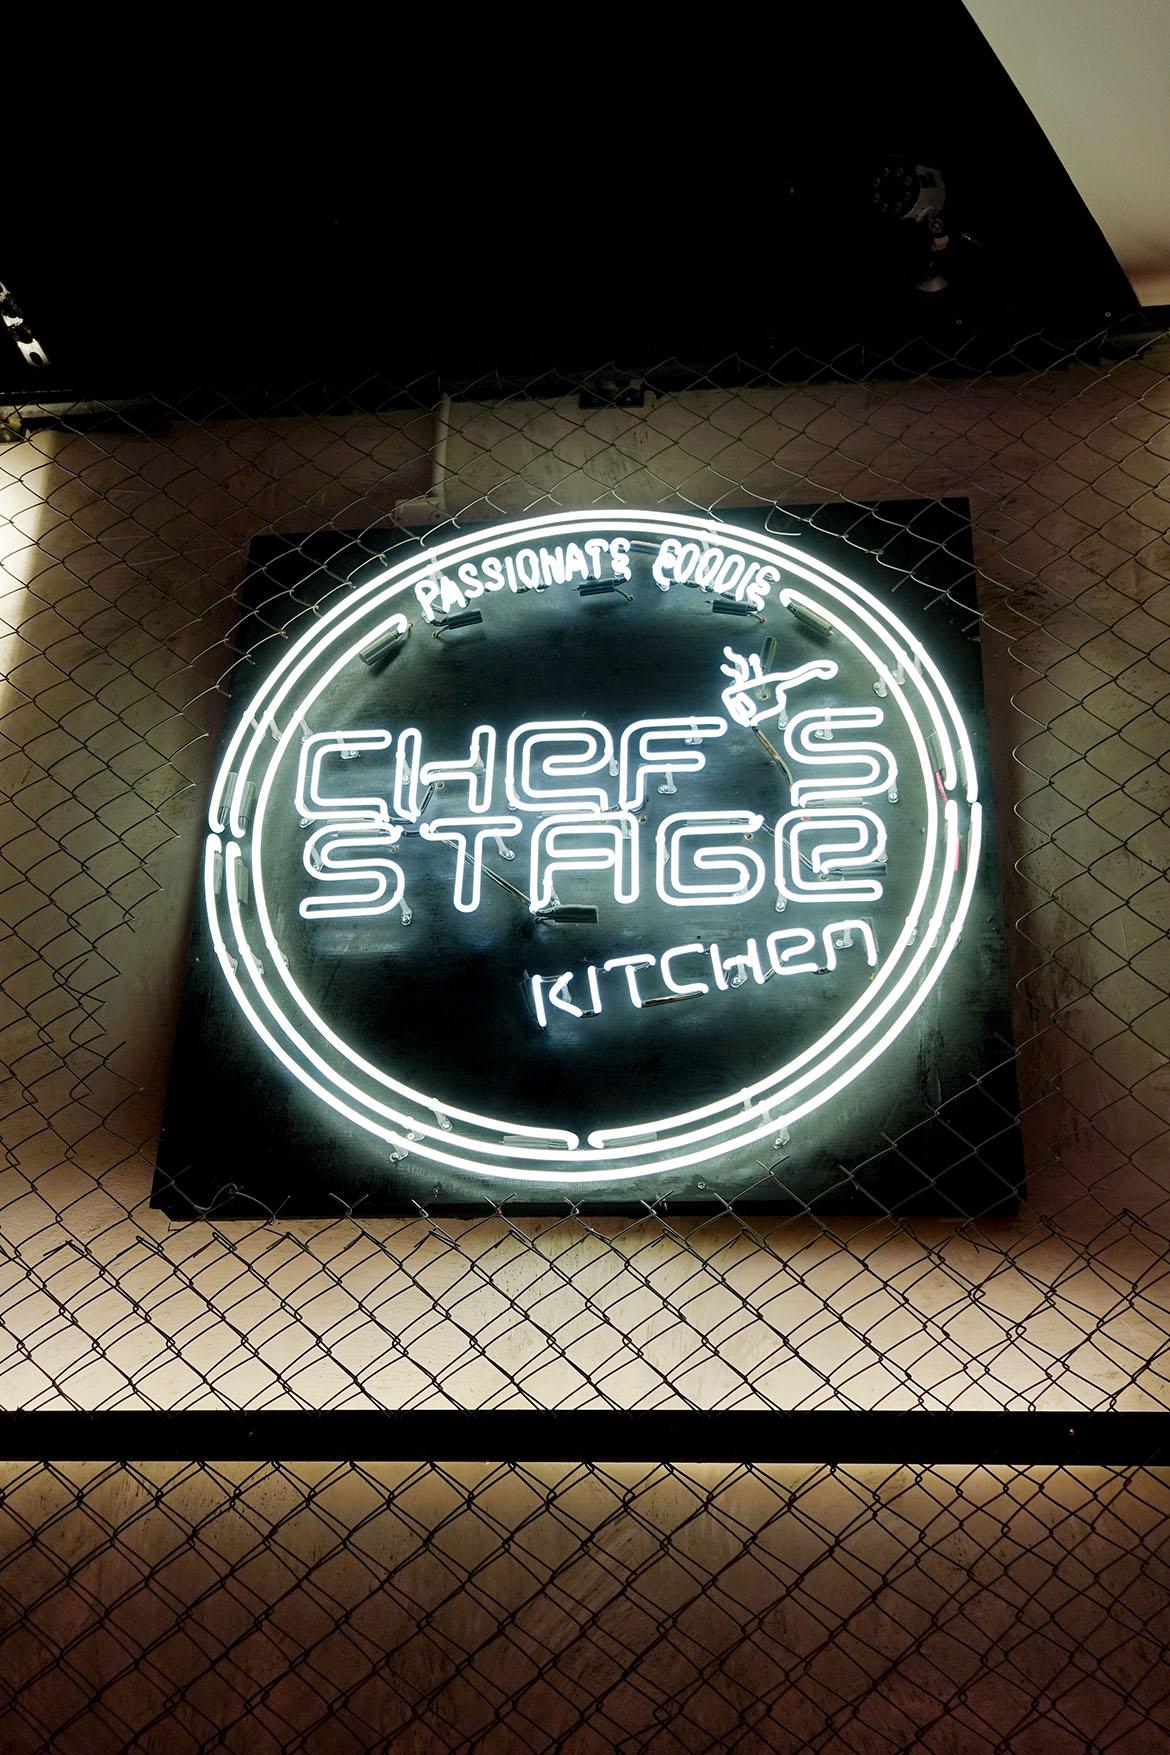 愉景新城 Chef's Stage Kitchen愉景新城 Chef's Stage Kitchen